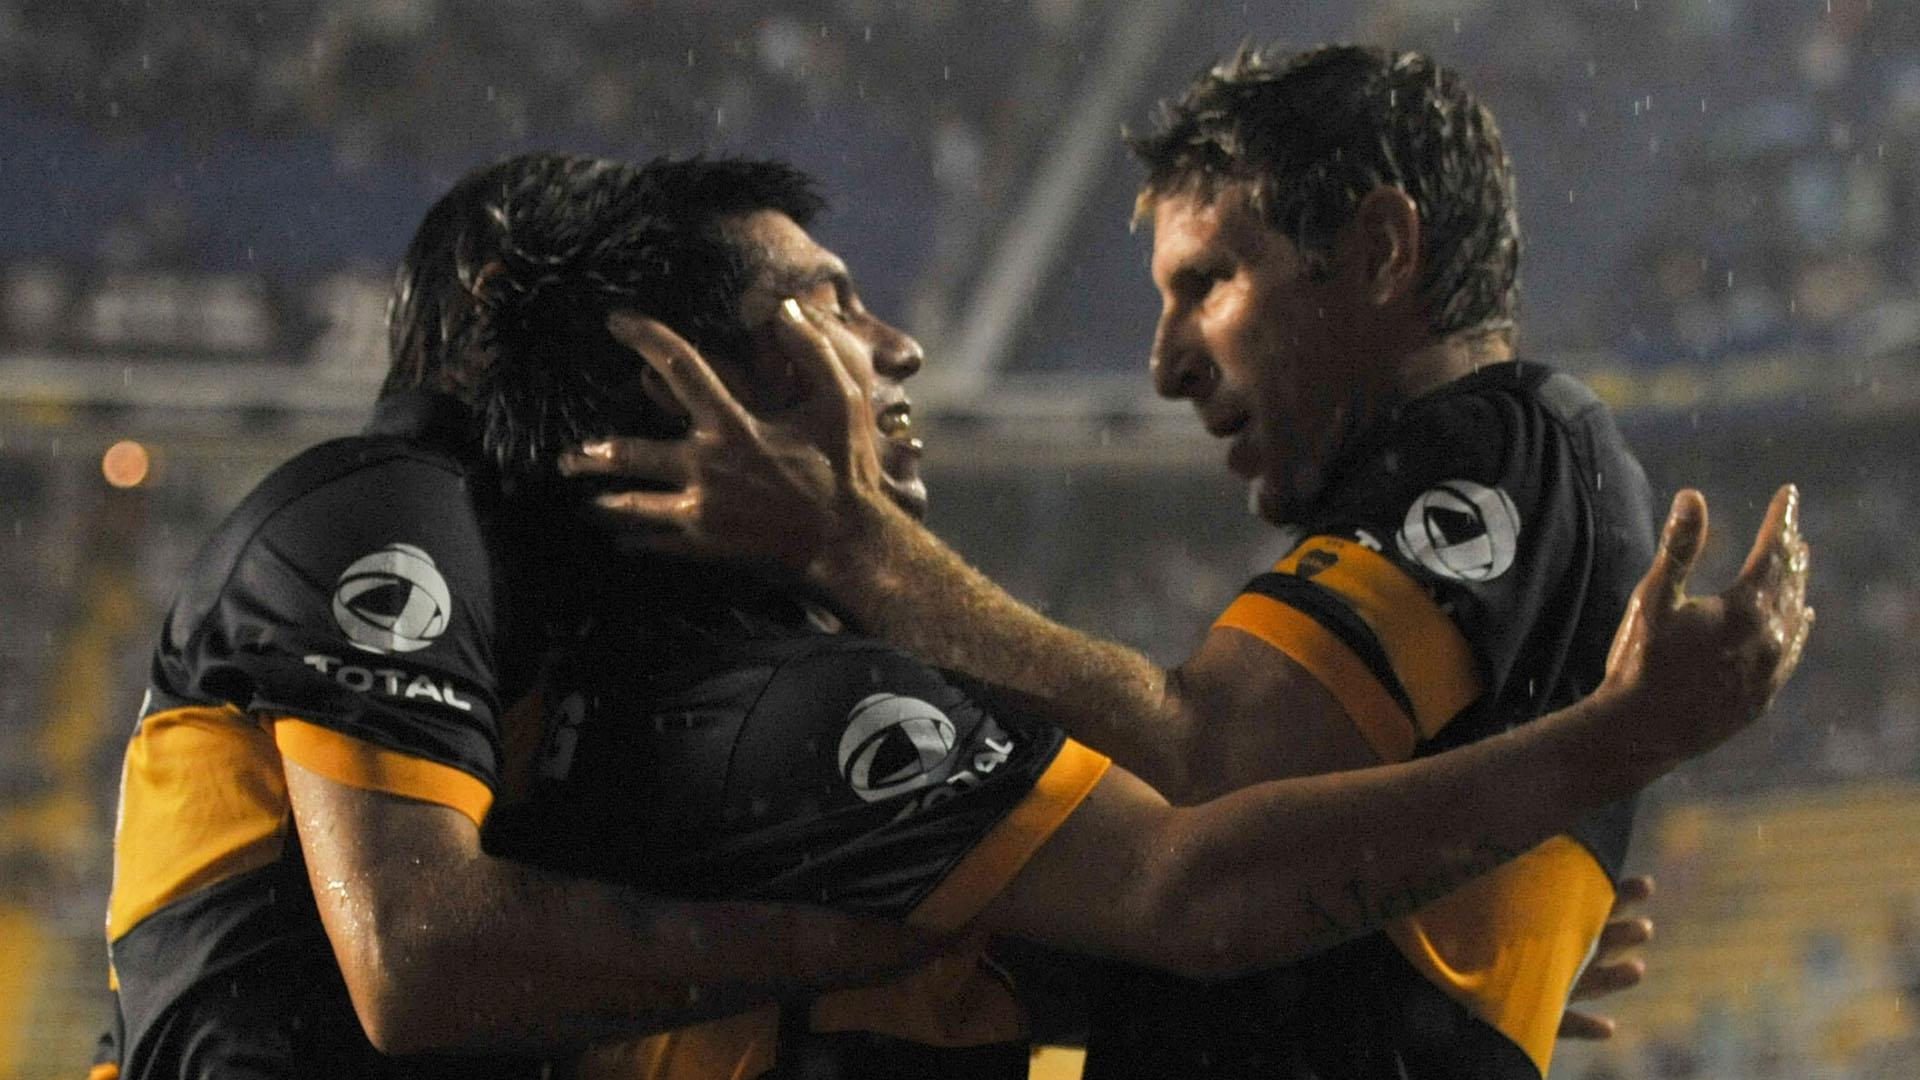 Gary Medel festeja junto a Martín Palermo luego de convertir el primer gol de Boca frente a Lanús, en un válido por la segunda fecha del Torneo Clausura 2010 (NA)